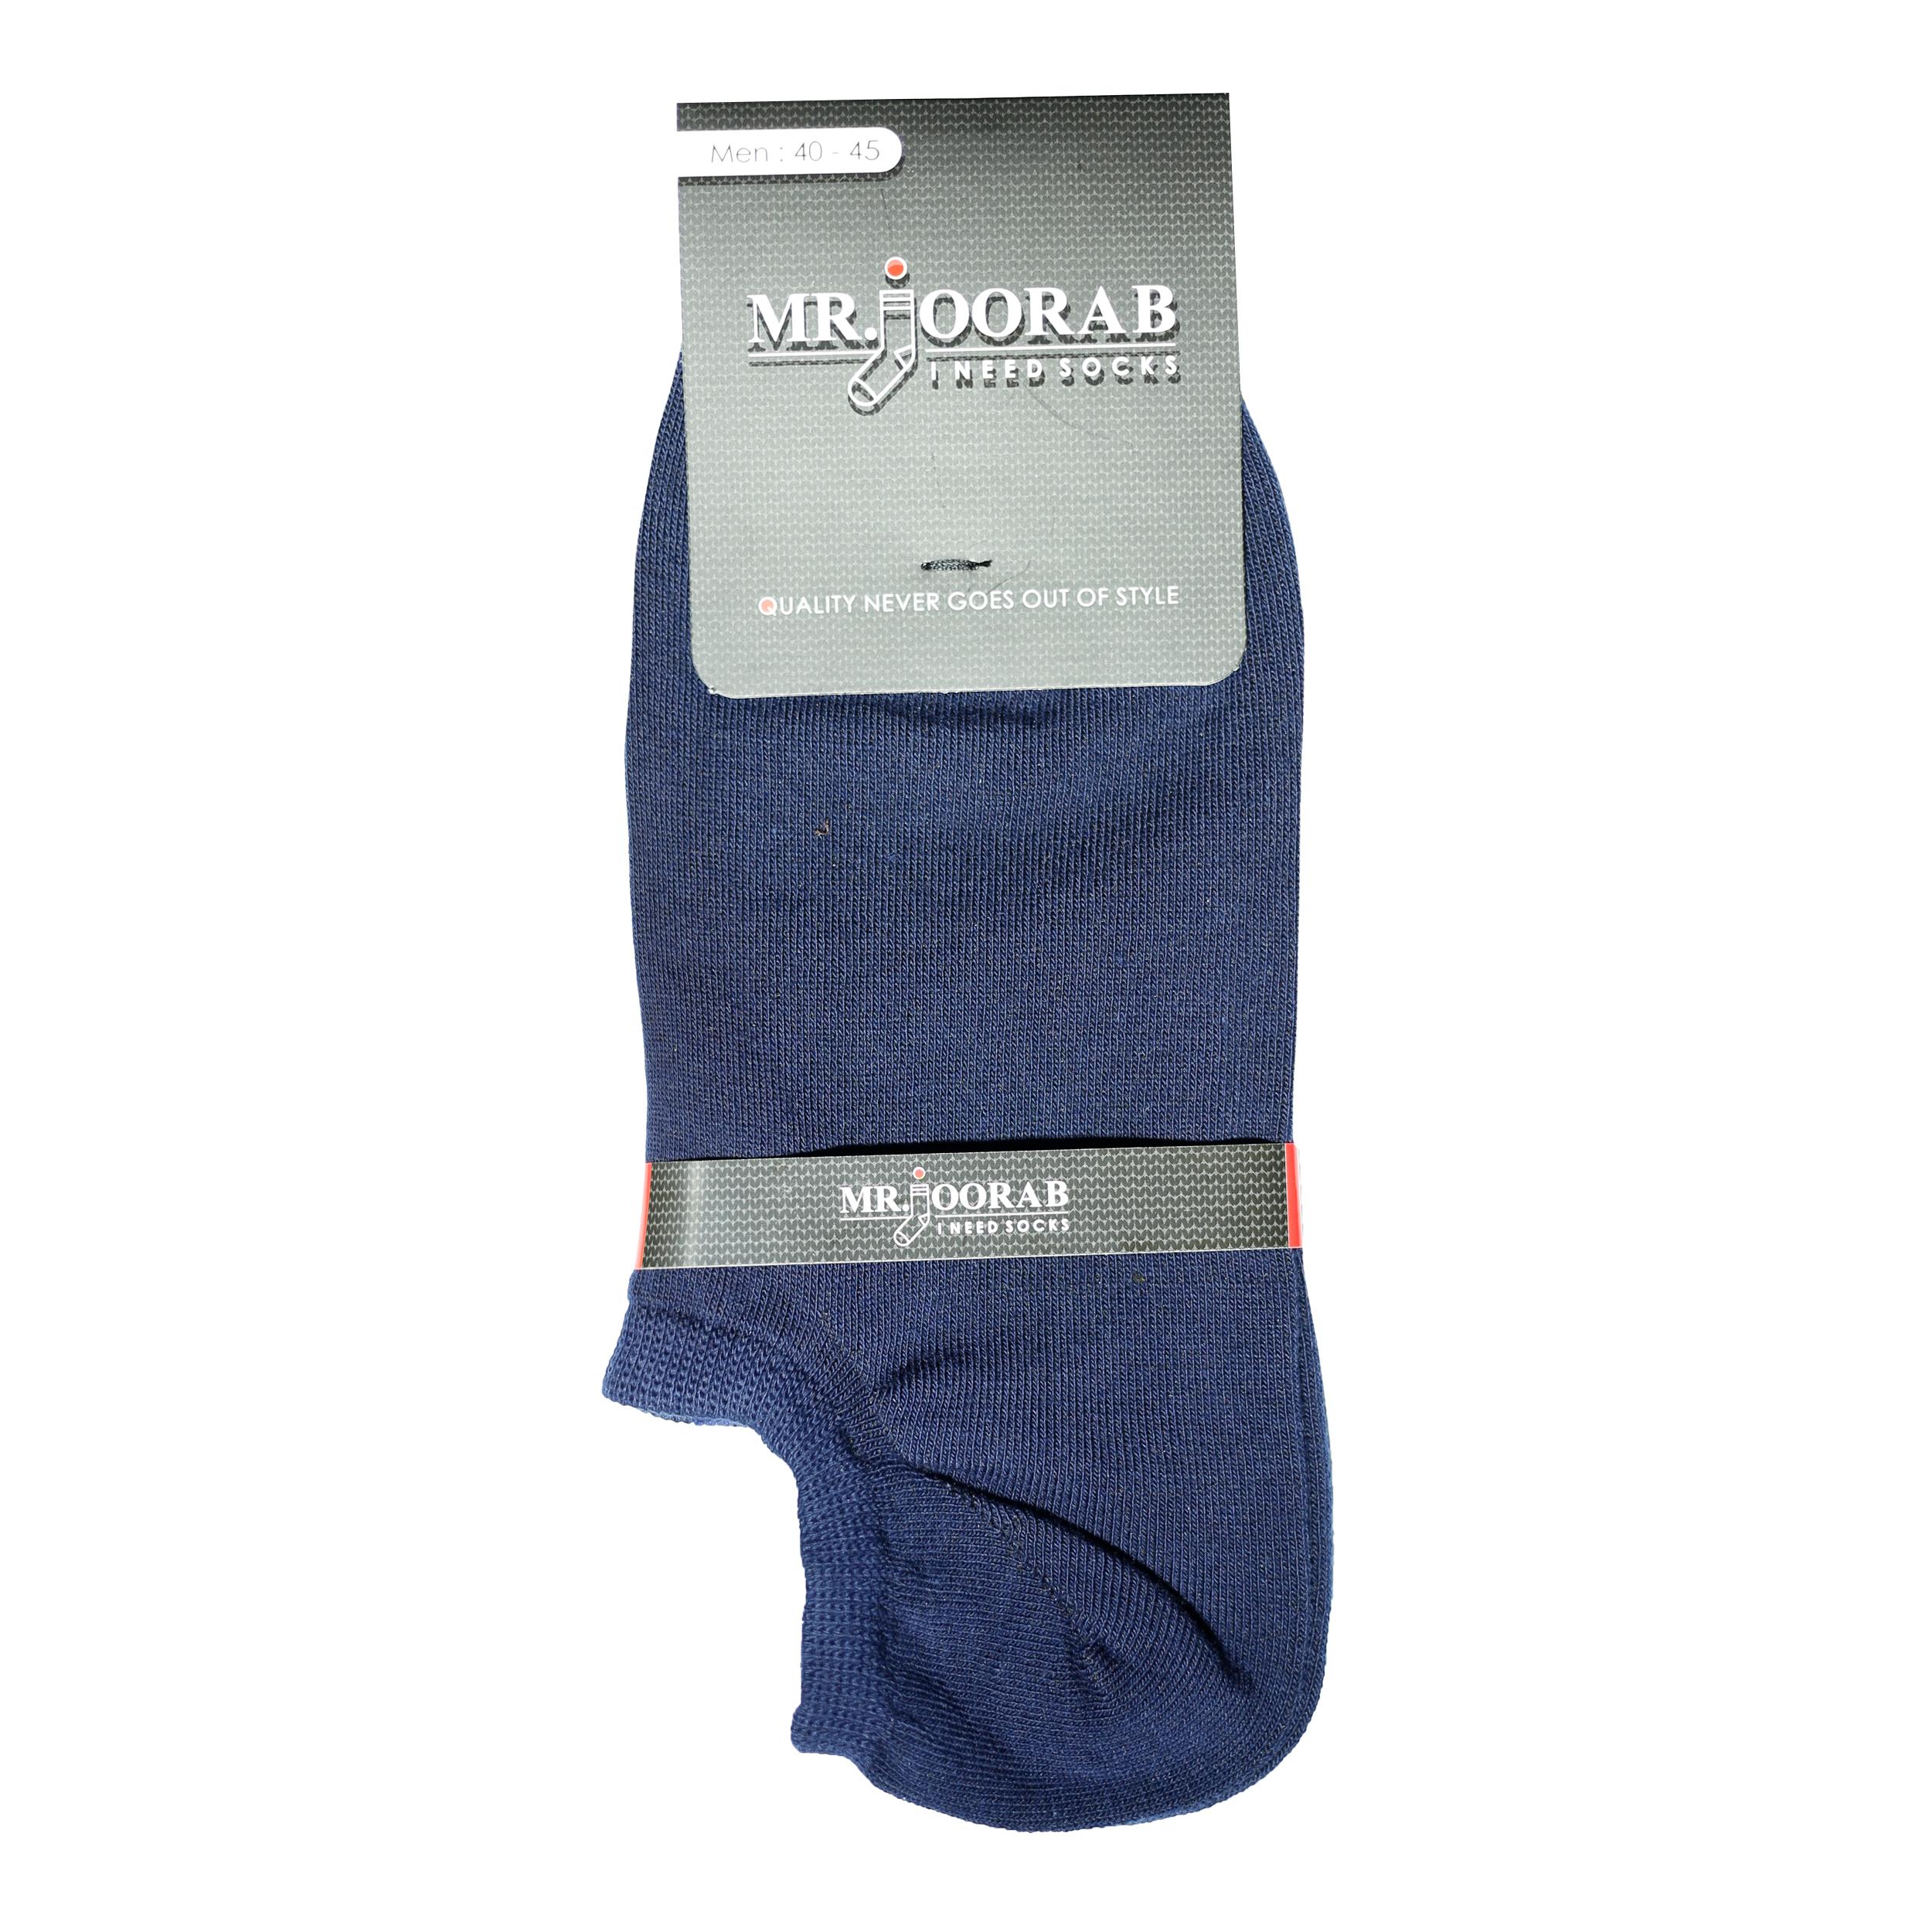 جوراب مردانه مستر جوراب کد BL-MRM 111 بسته 8 عددی -  - 3